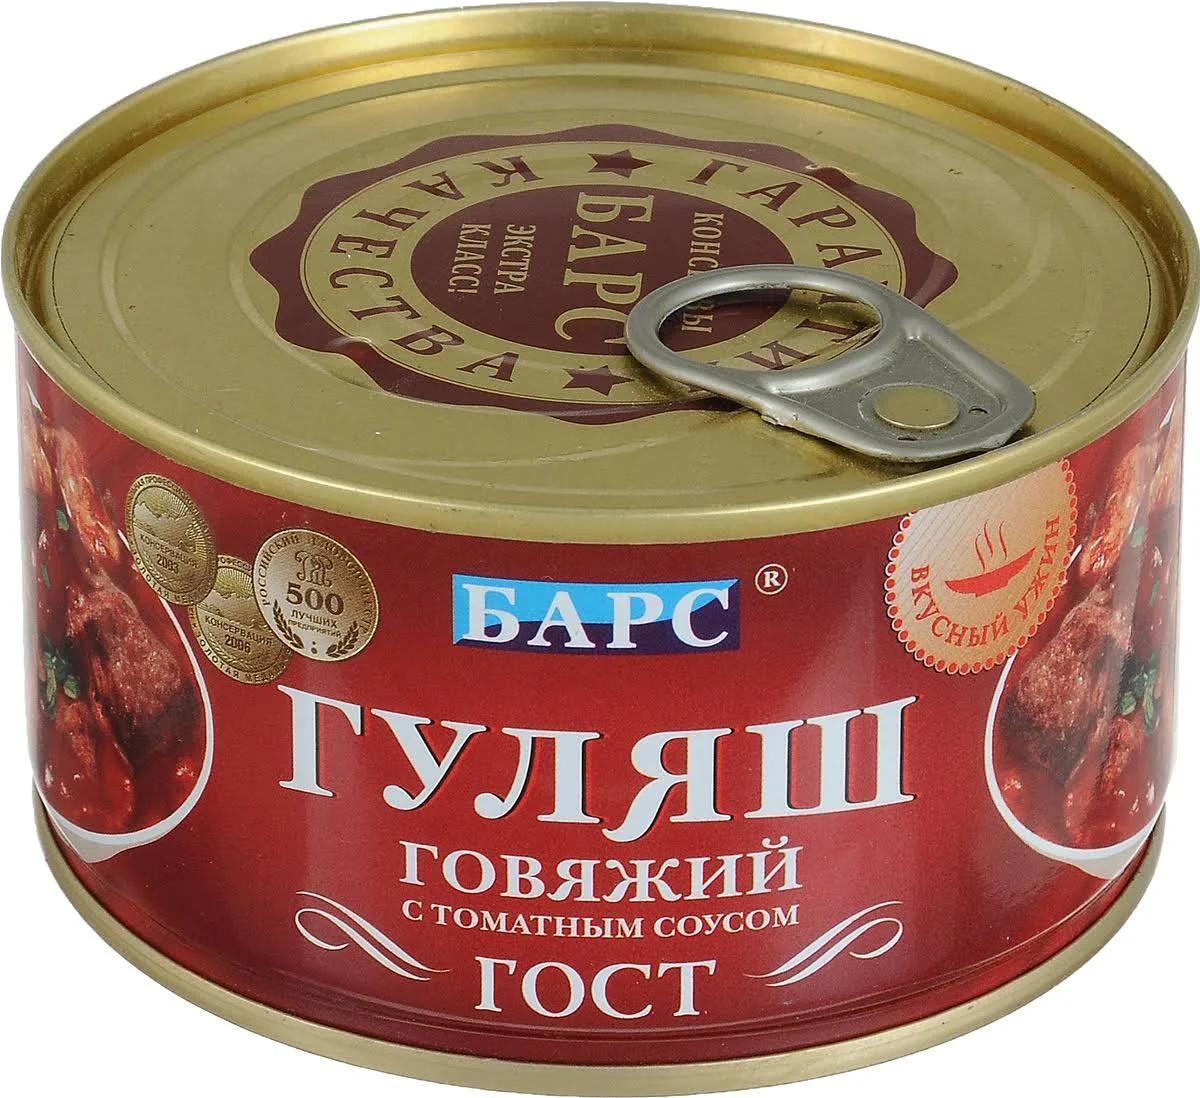 Мясные консервы Барс Вкусный ужин Гуляш говяжий ГОСТ